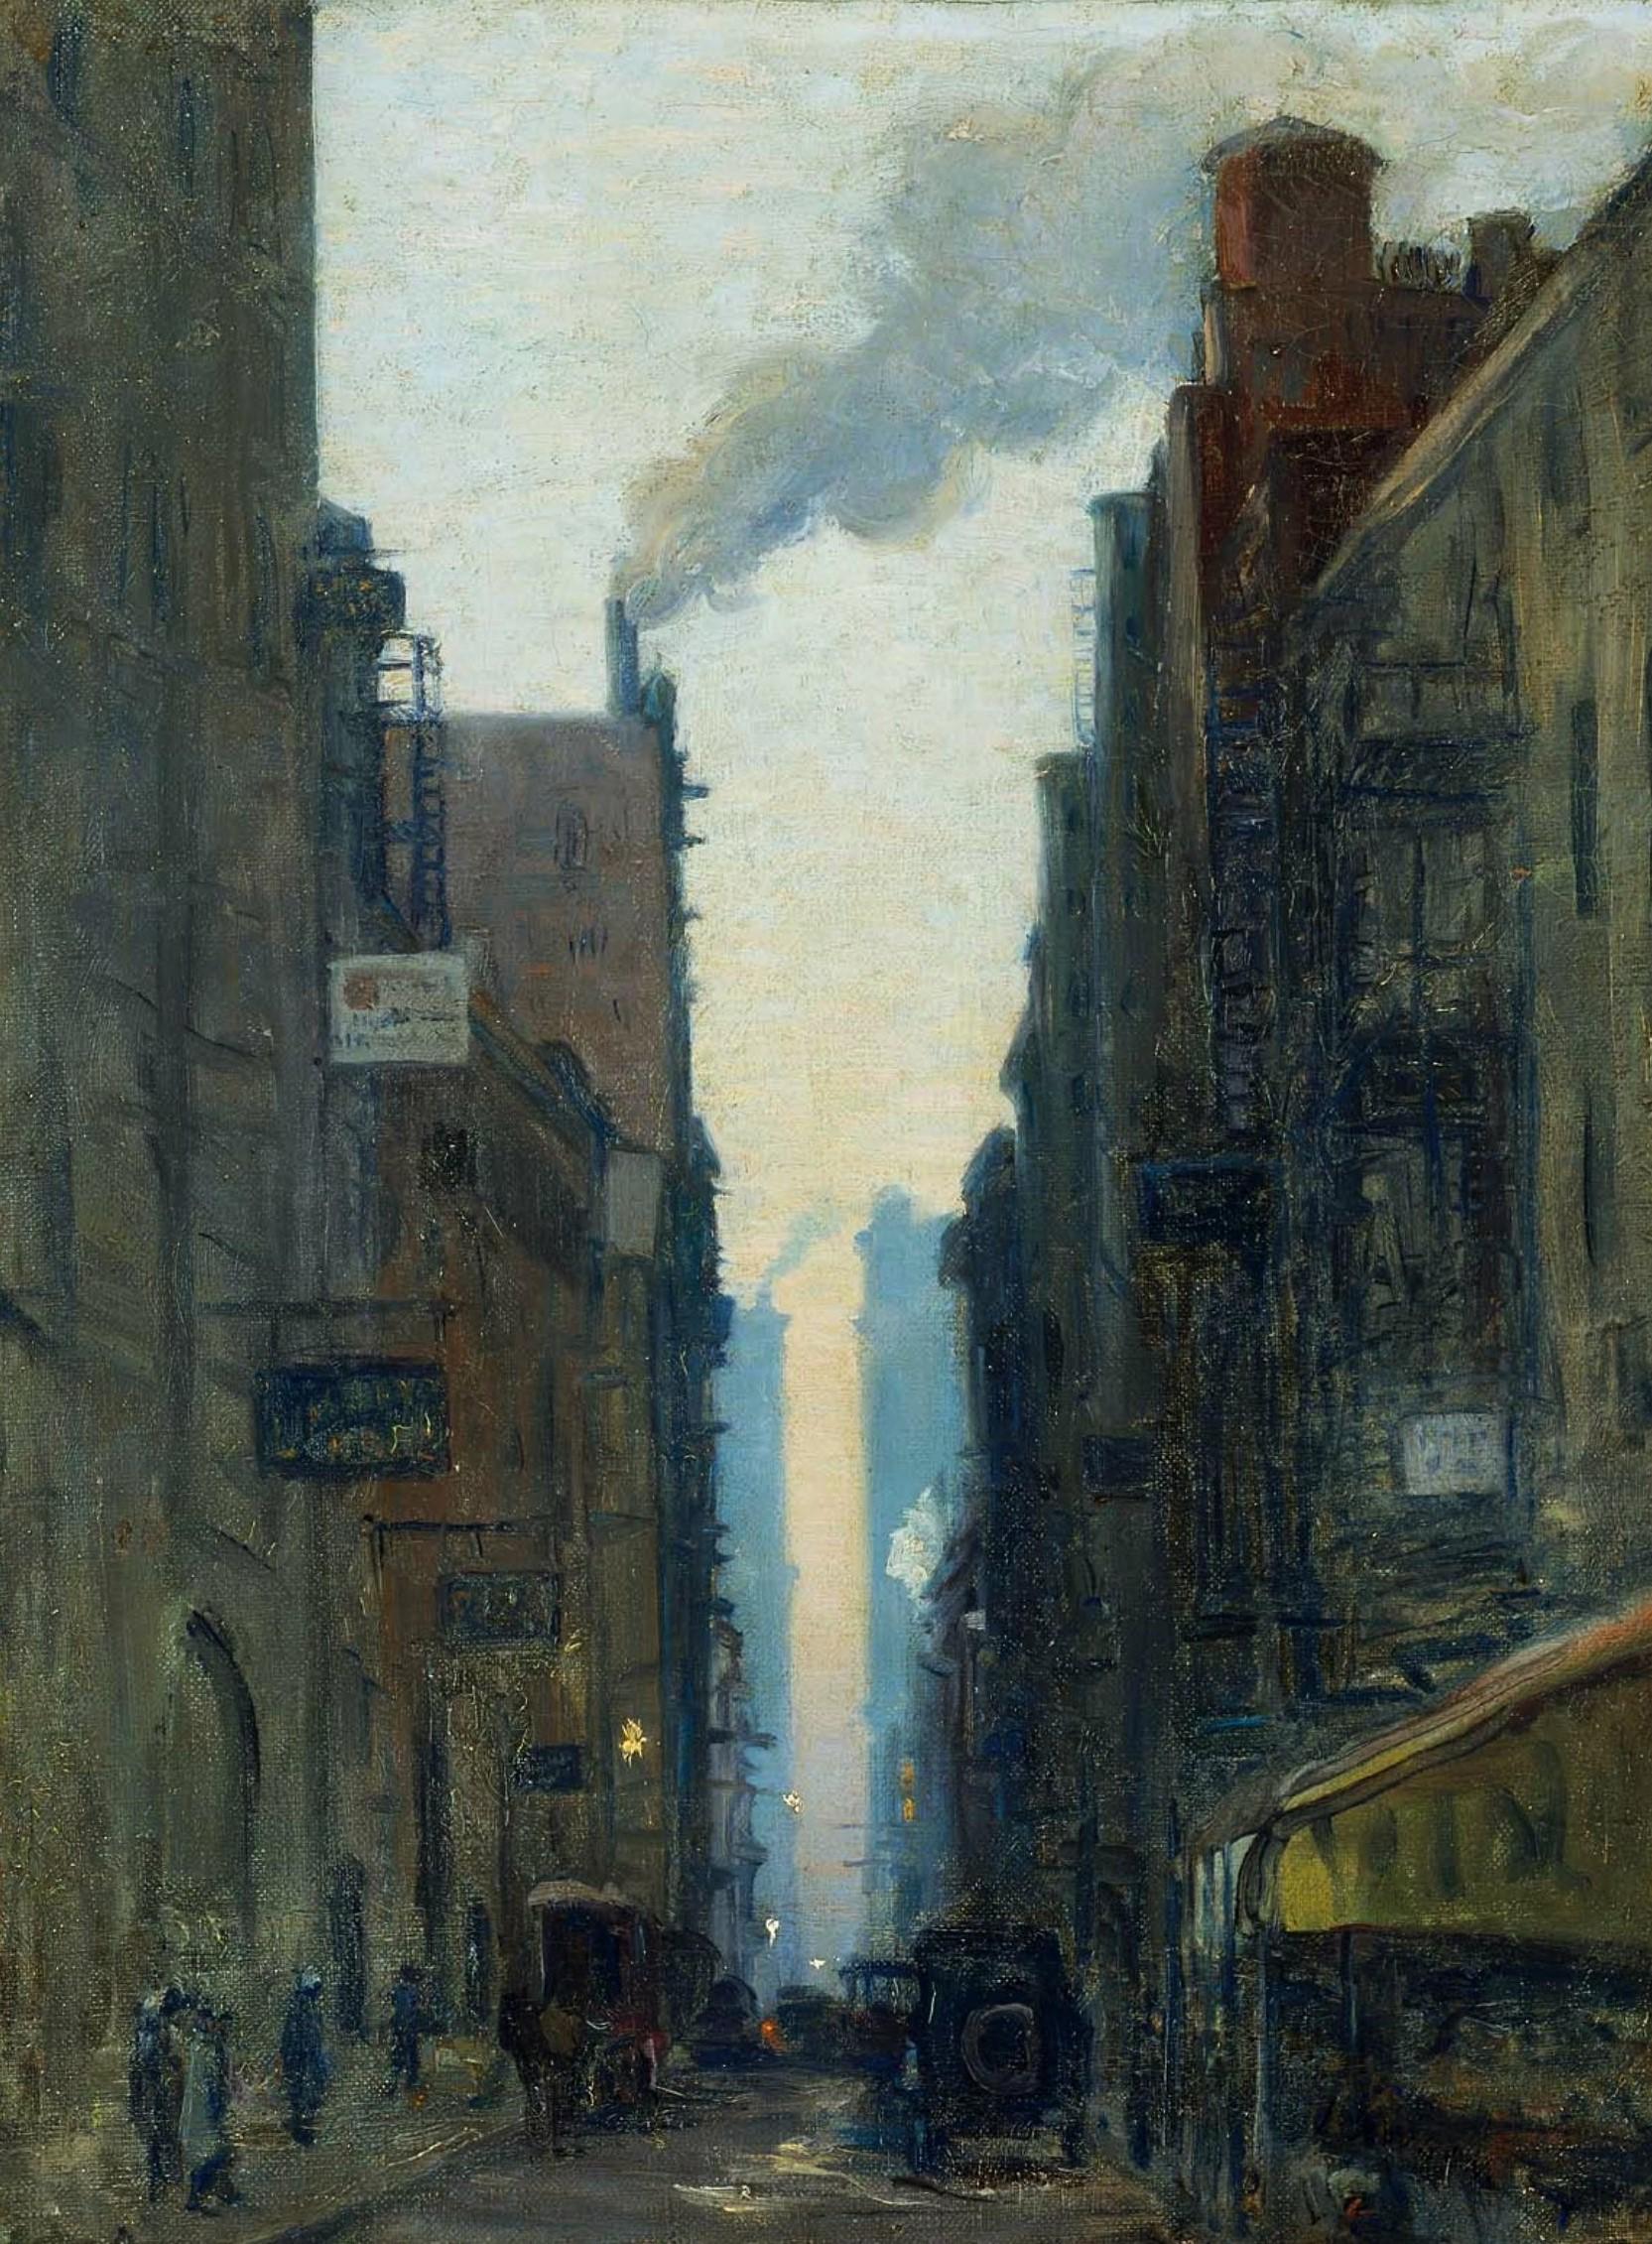 纽约街景_New York Street Scene-欧内斯特·劳森